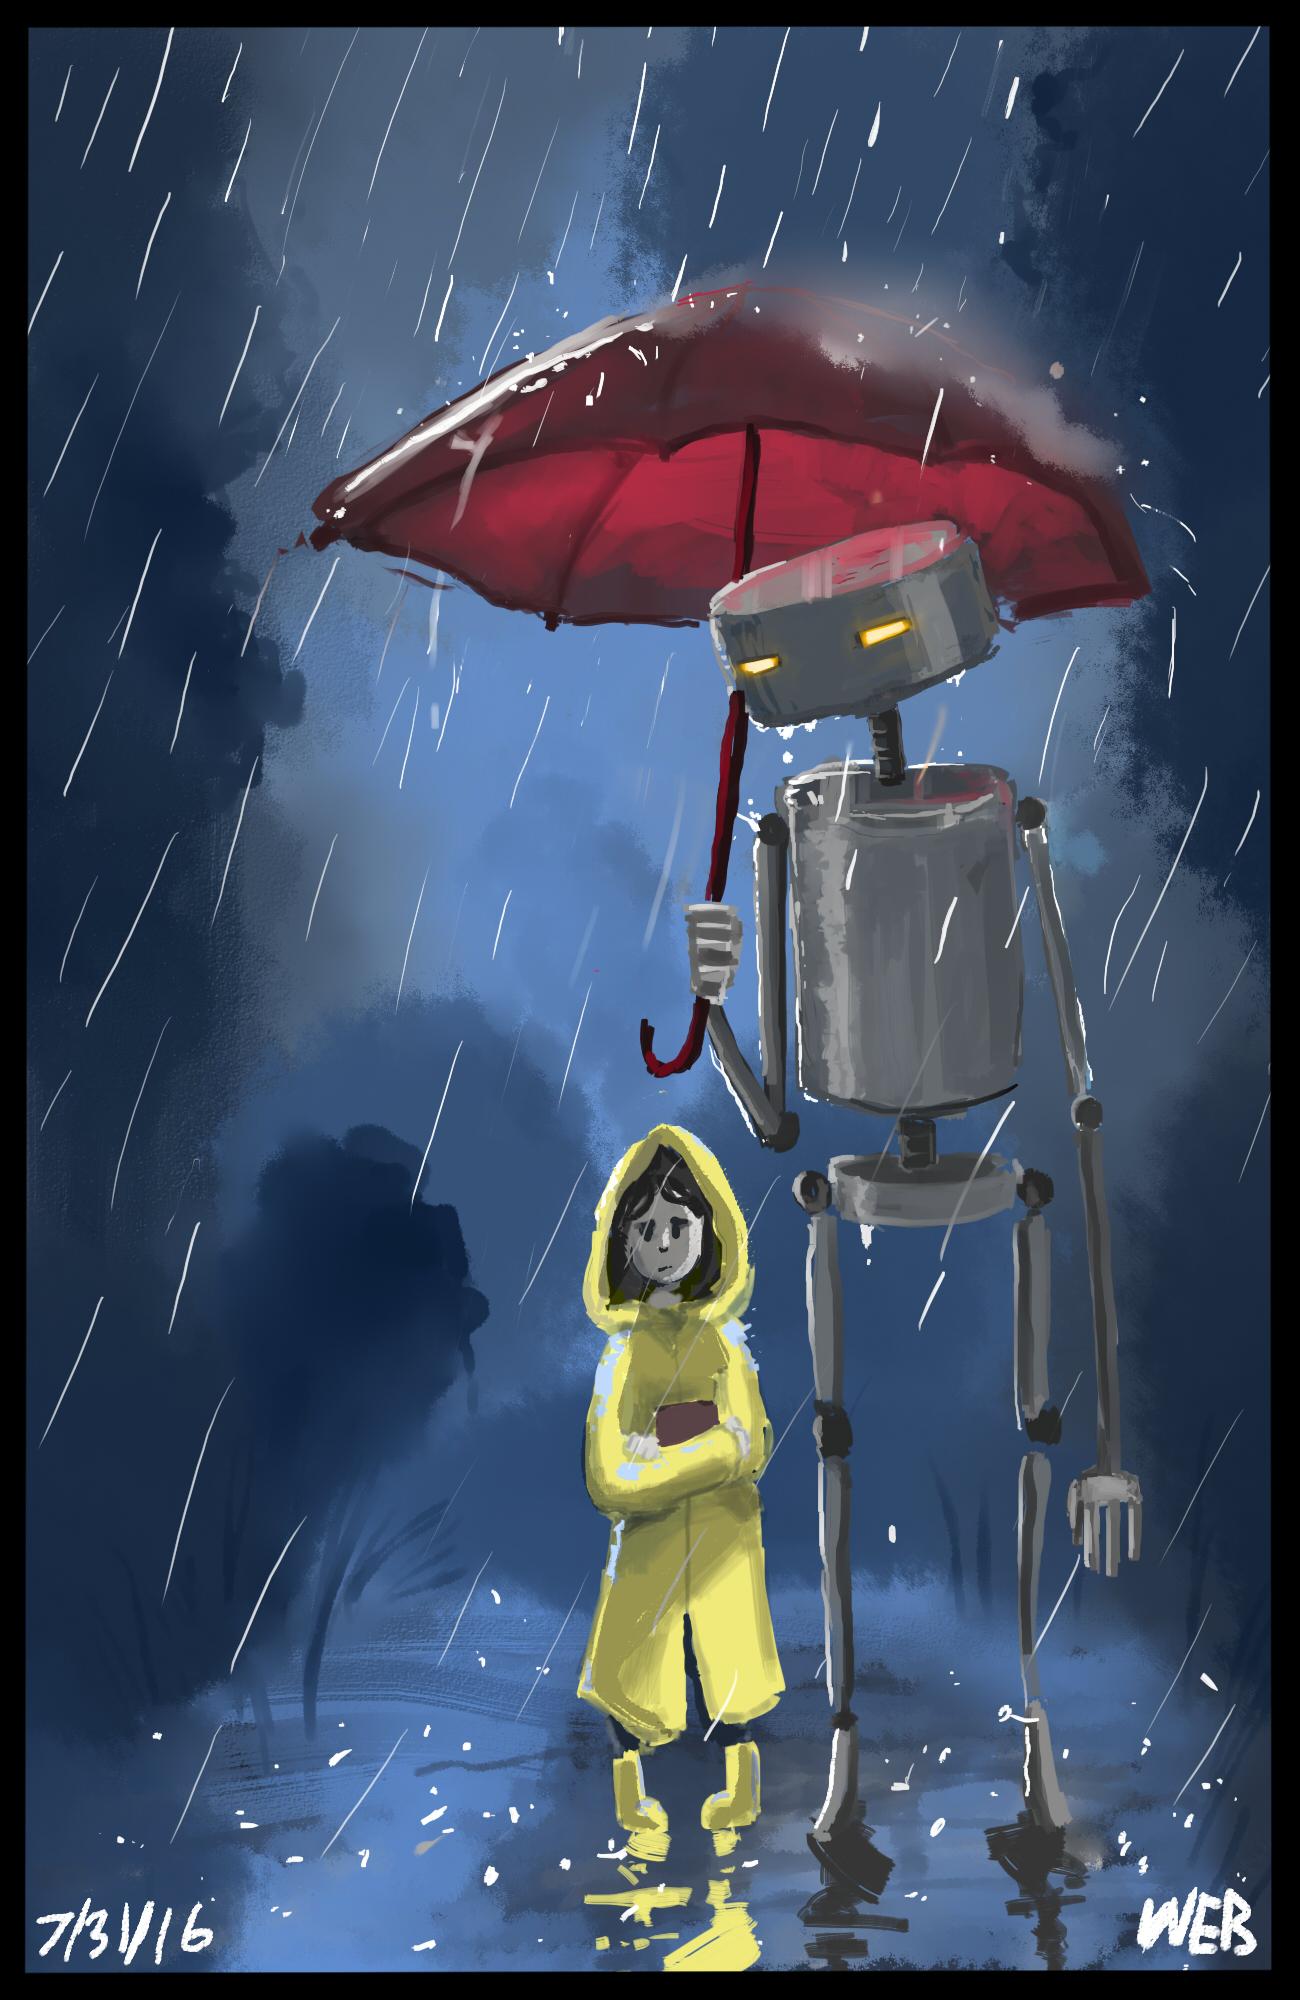 Its still raining